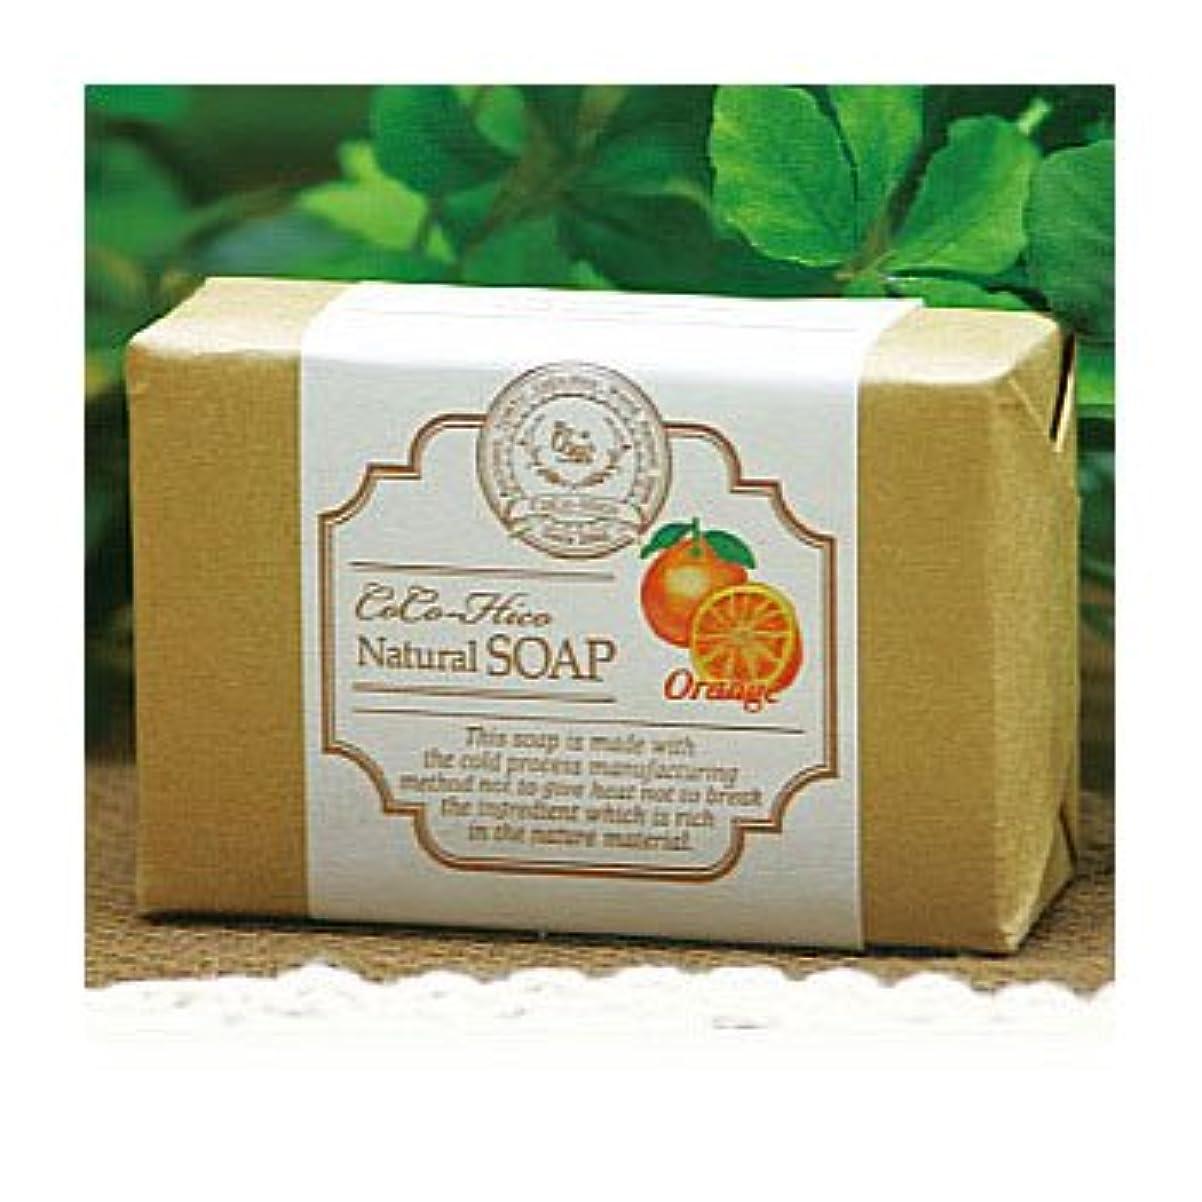 輸血インシュレータこれら【無添加 手作り 生せっけん】-CoCo-Hico SOAP-ココヒコ生せっけん オレンジ